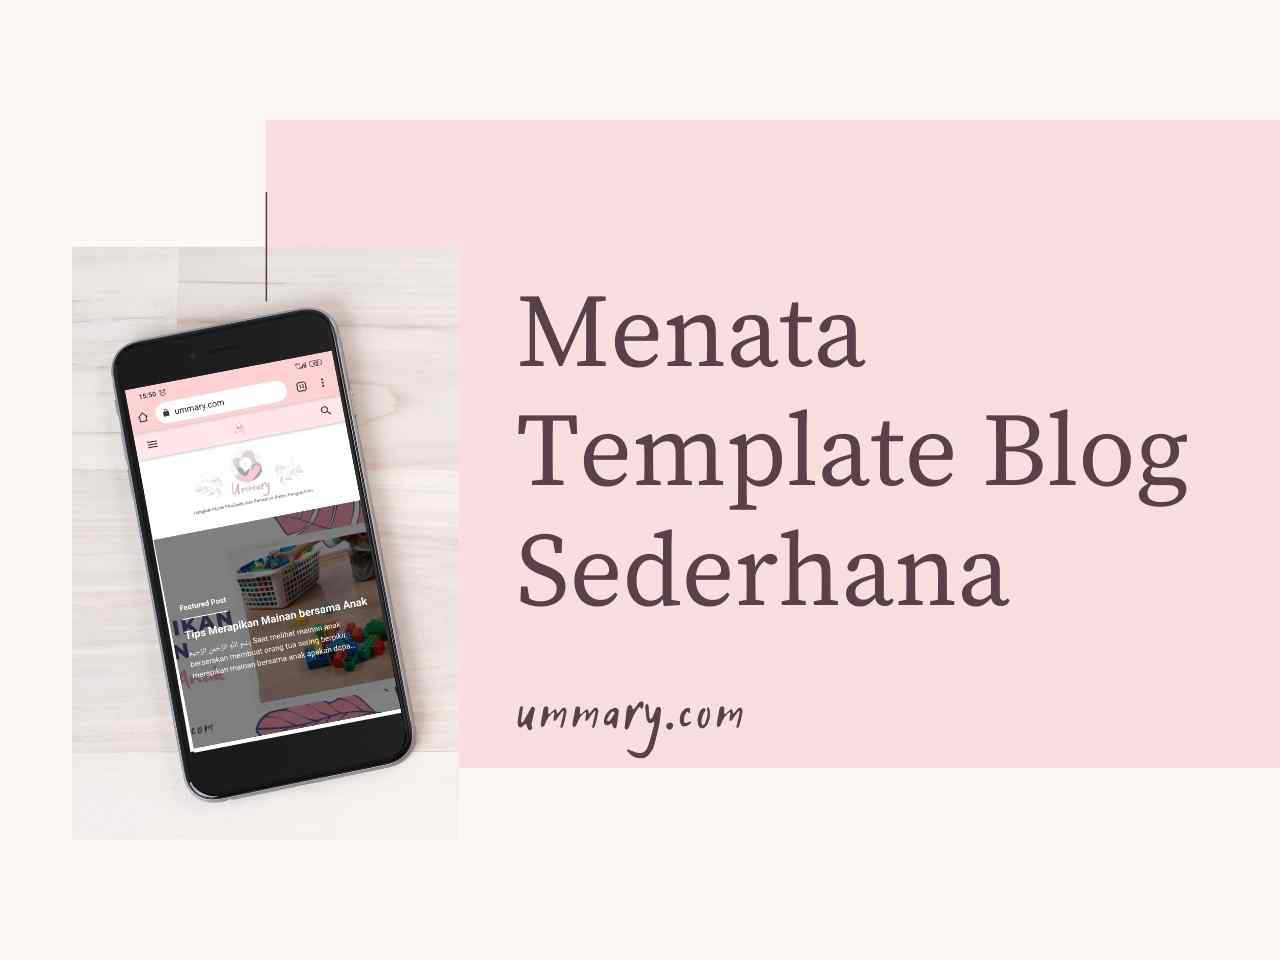 Menata Template Blog Sederhana